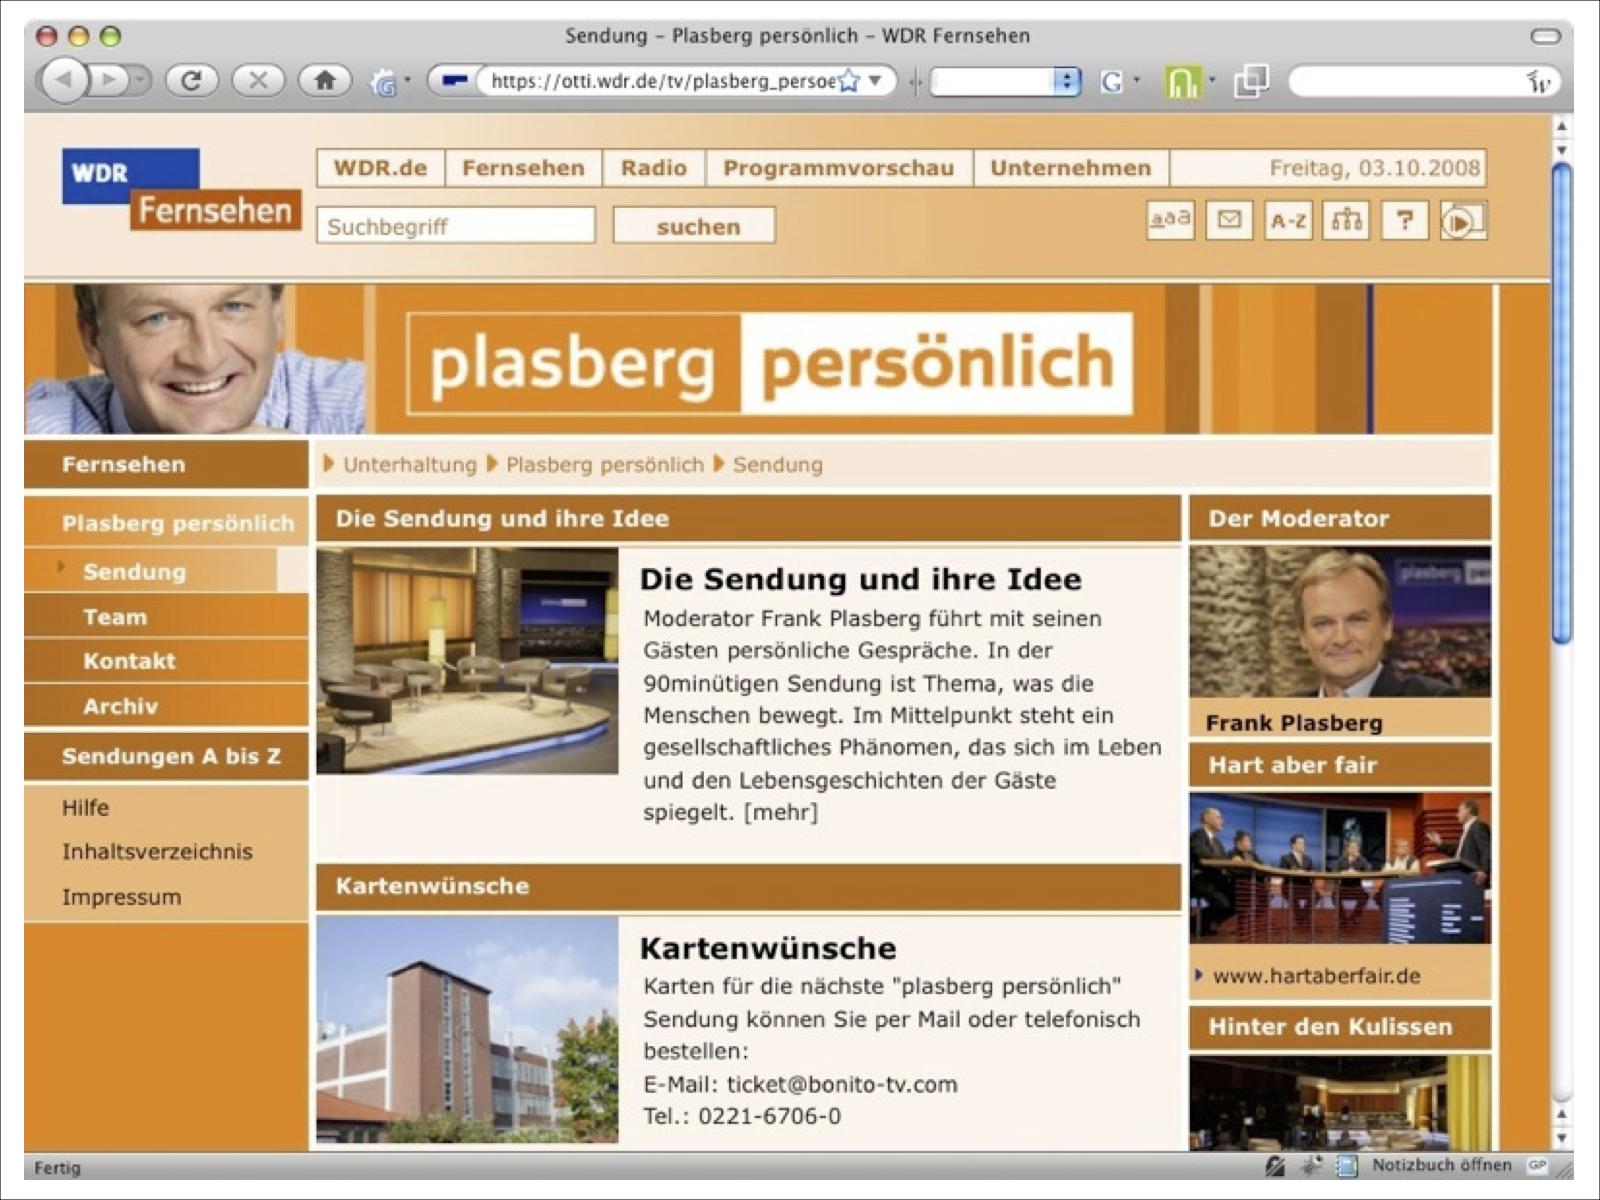 Webseite WDR Plasberg persönlich